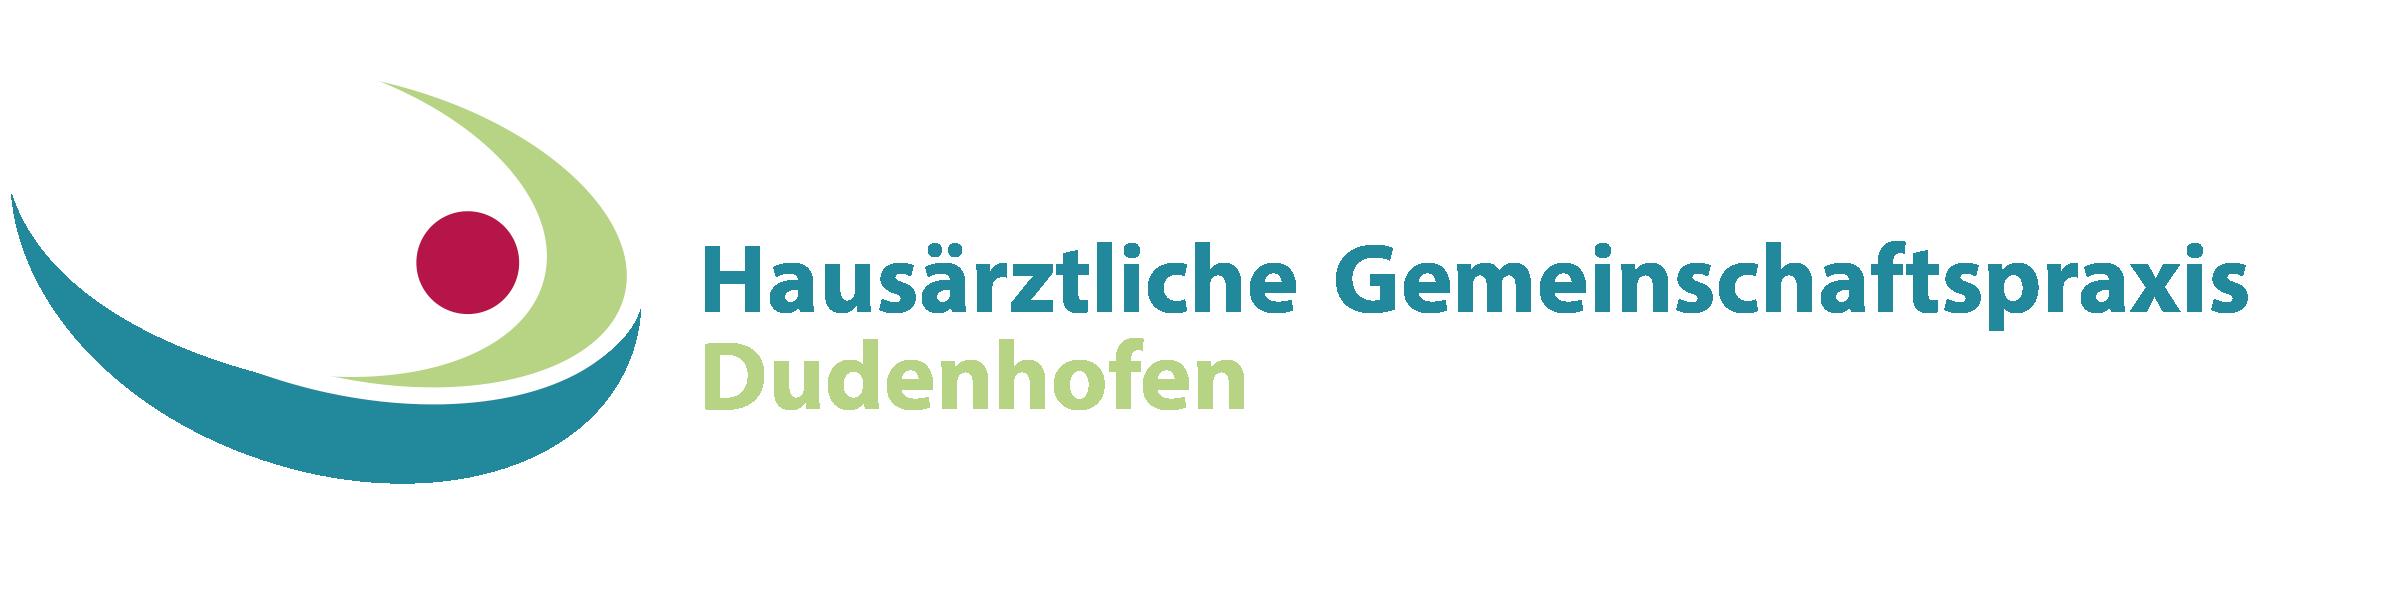 HGP Dudenhofen